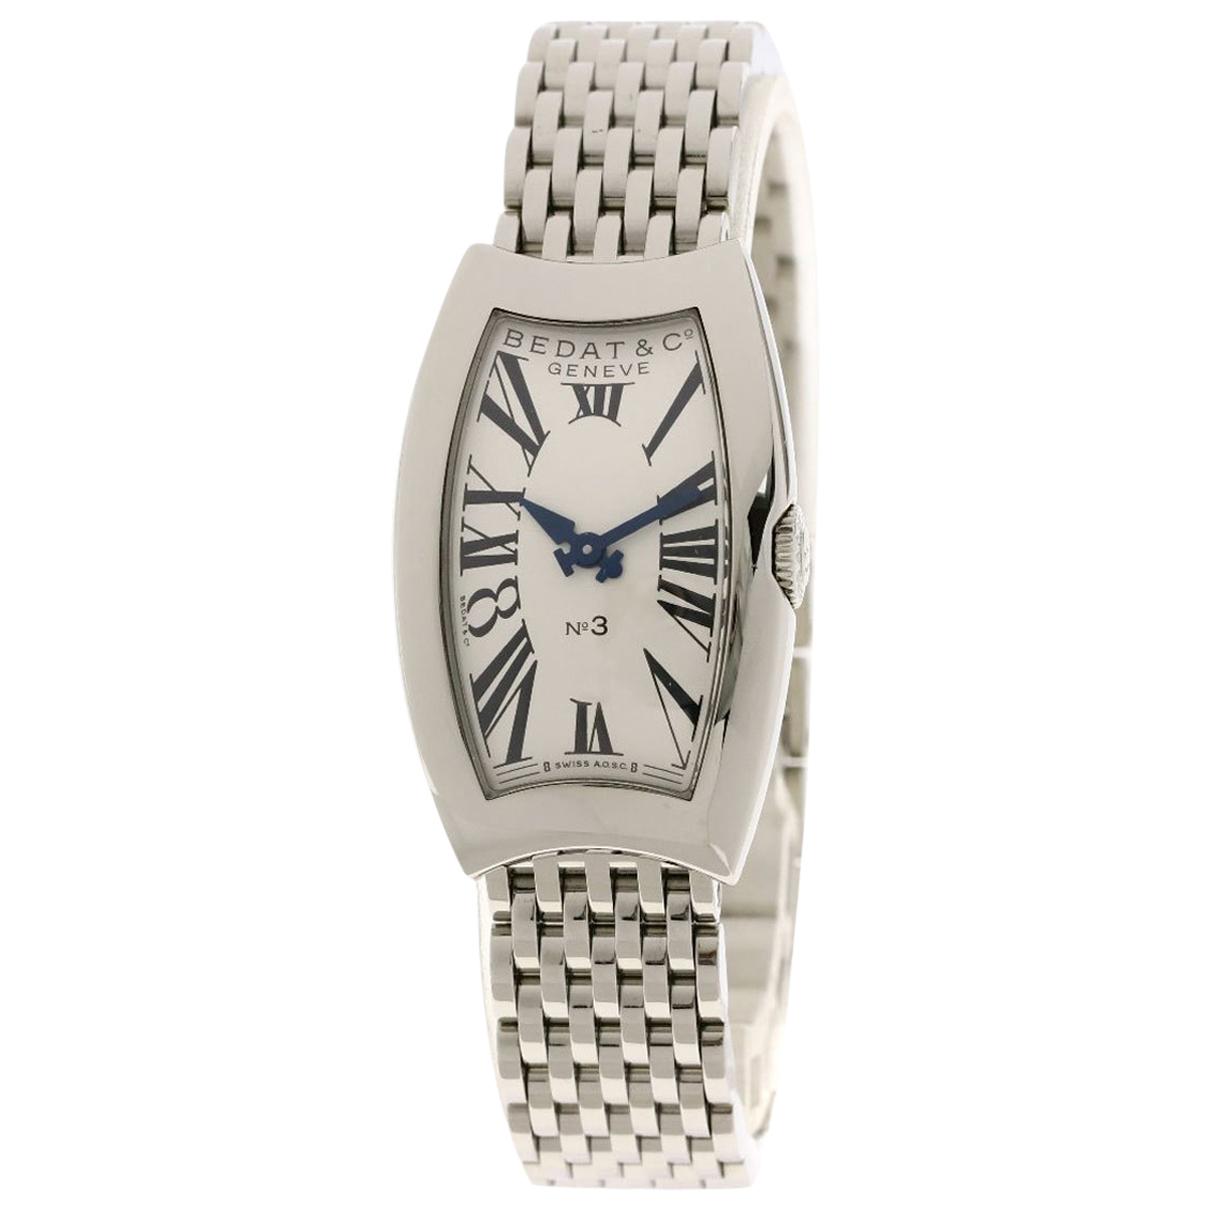 Reloj Bedat&co